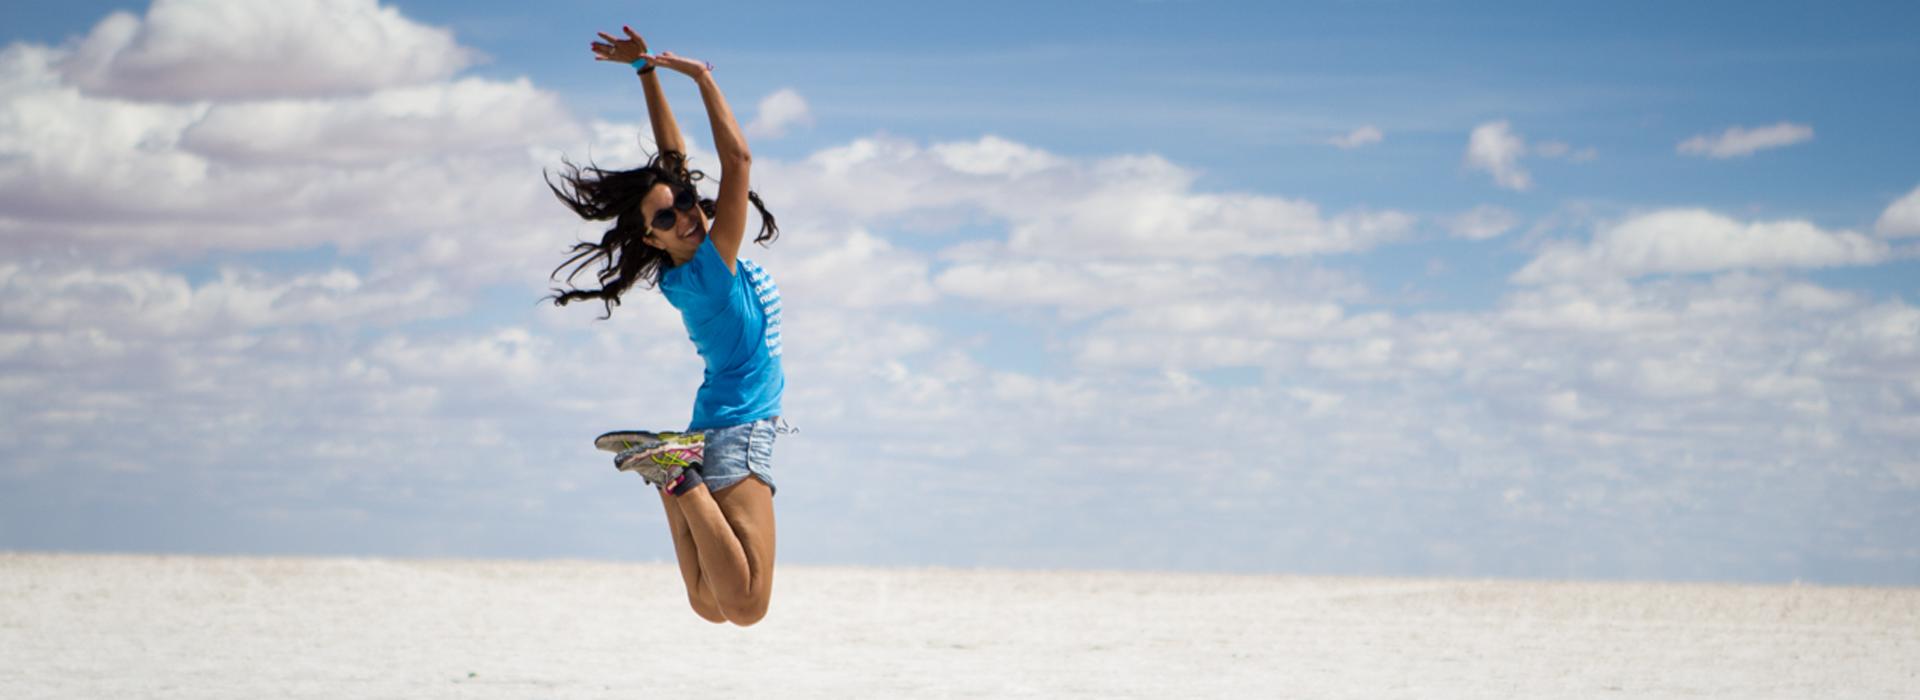 Eva saltando tocando el cielo